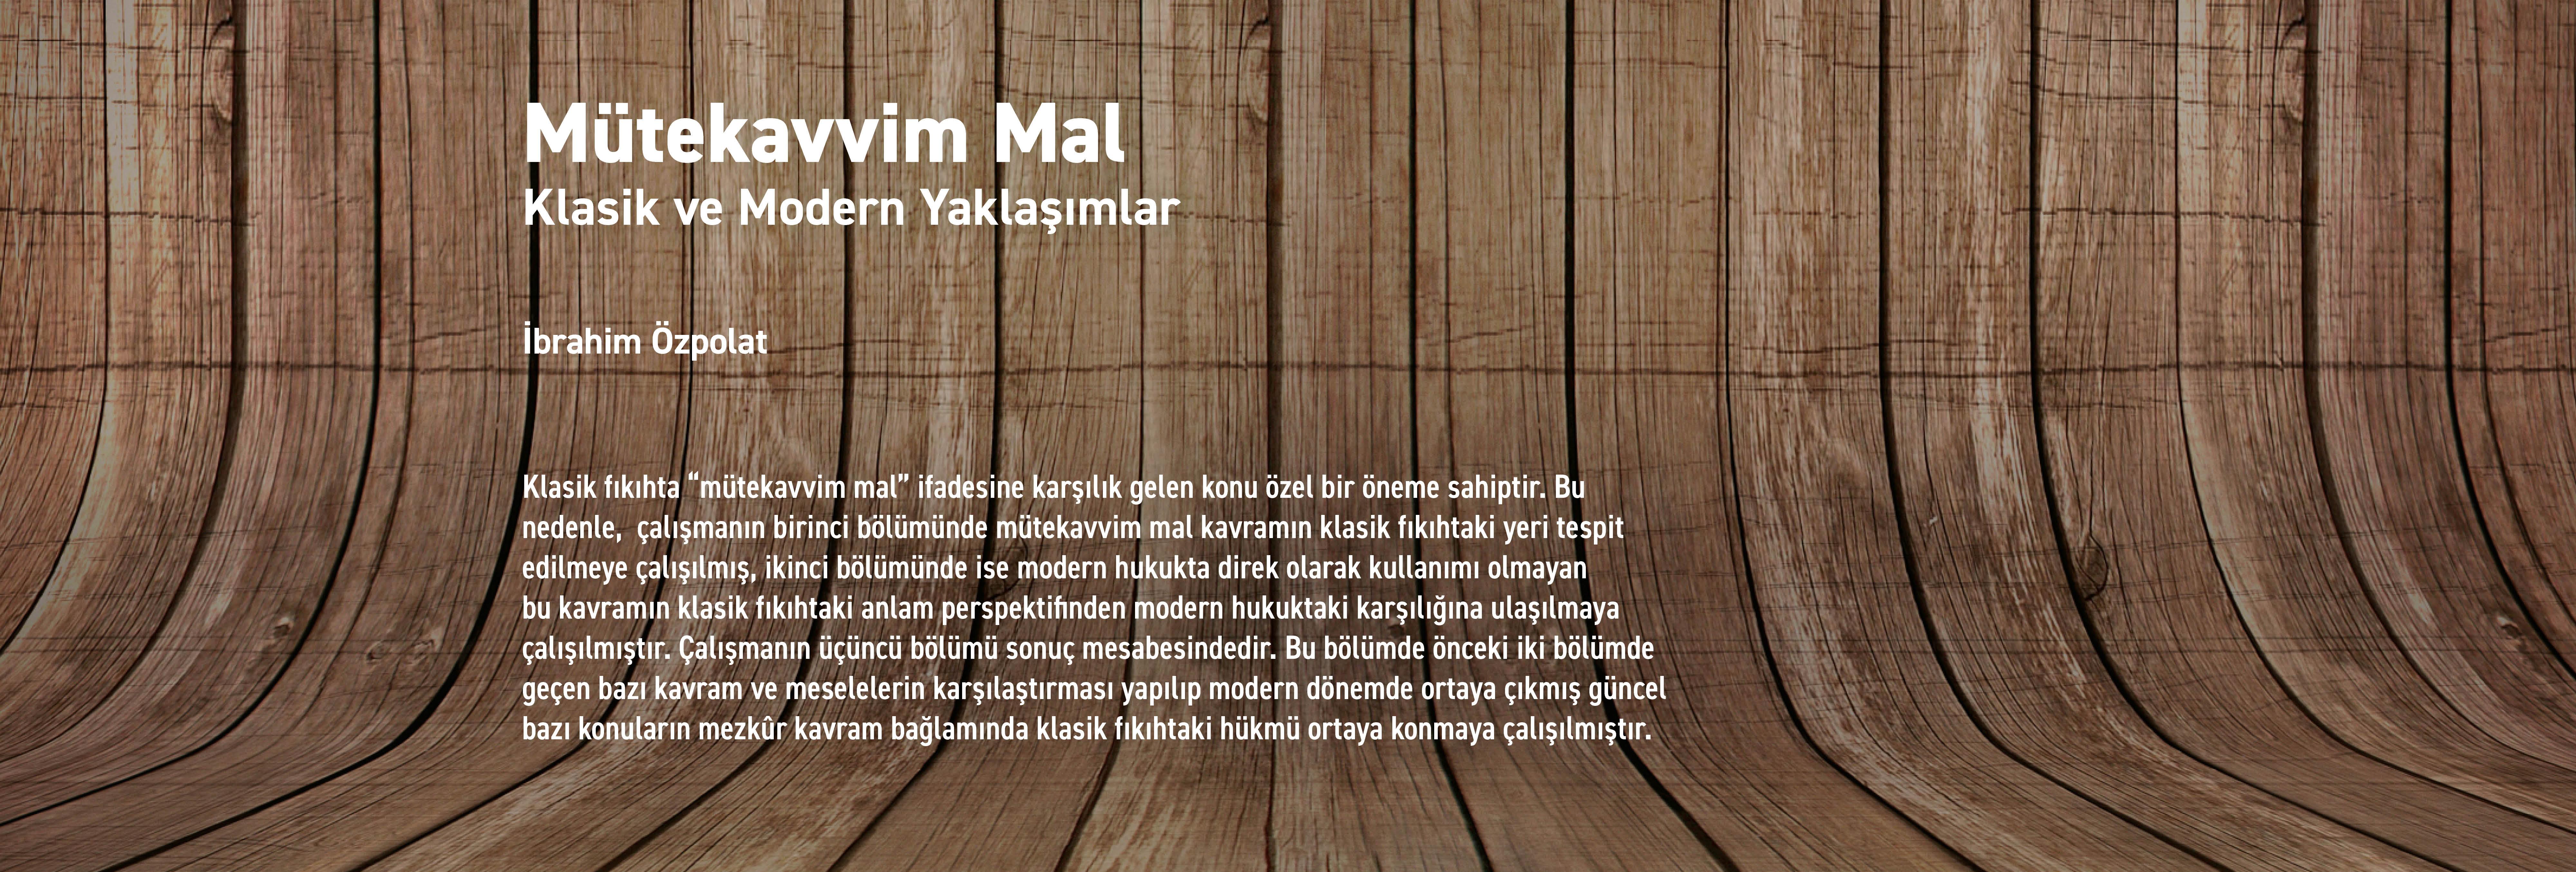 https://www.iktisatyayinlari.com/content/1-home/00006_mutekavvim_mal_silder.jpg